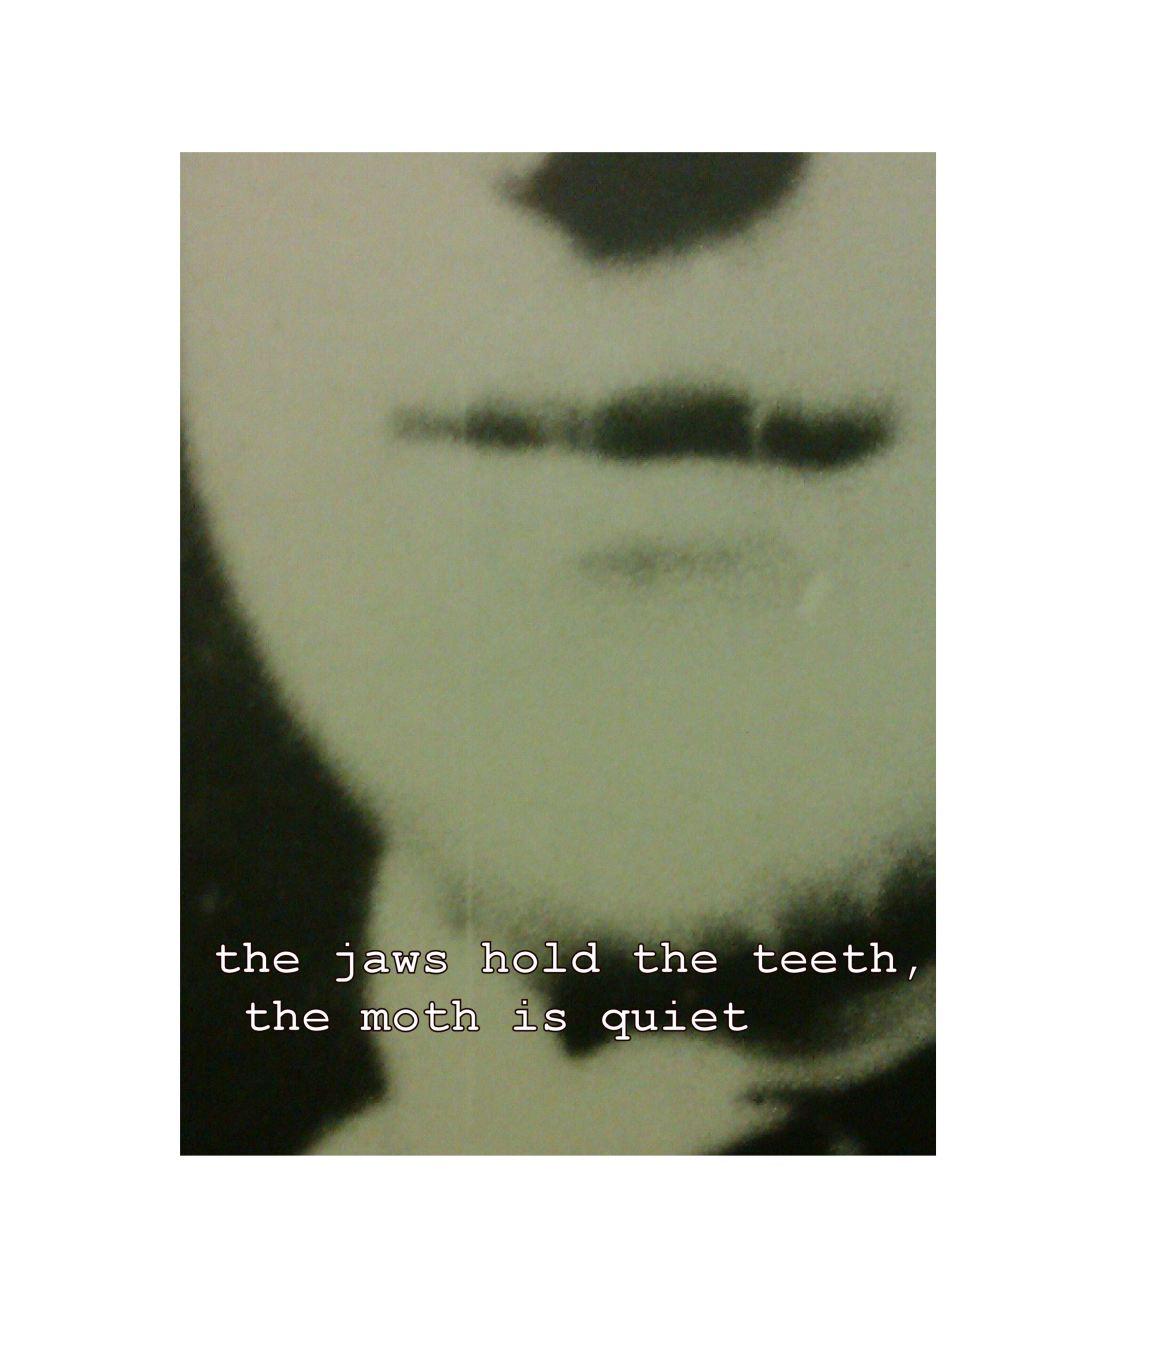 mothth 1